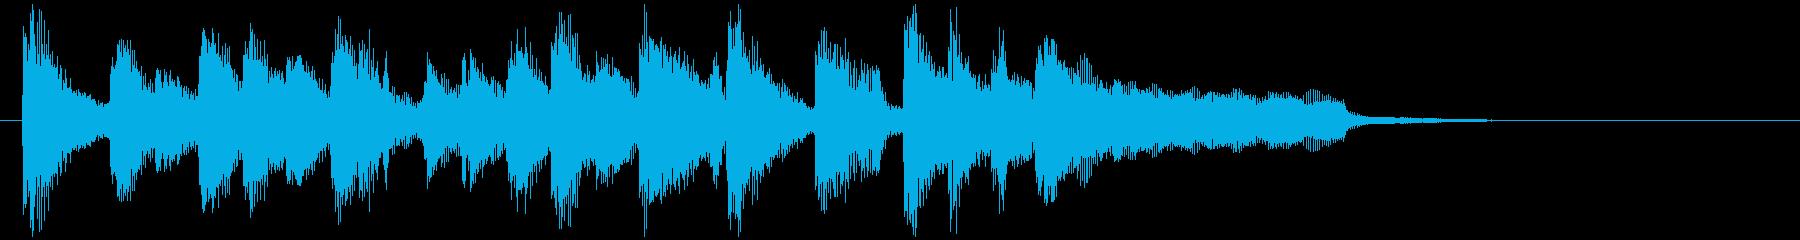 ポップに場面転換、軽快ウクレレのジングルの再生済みの波形